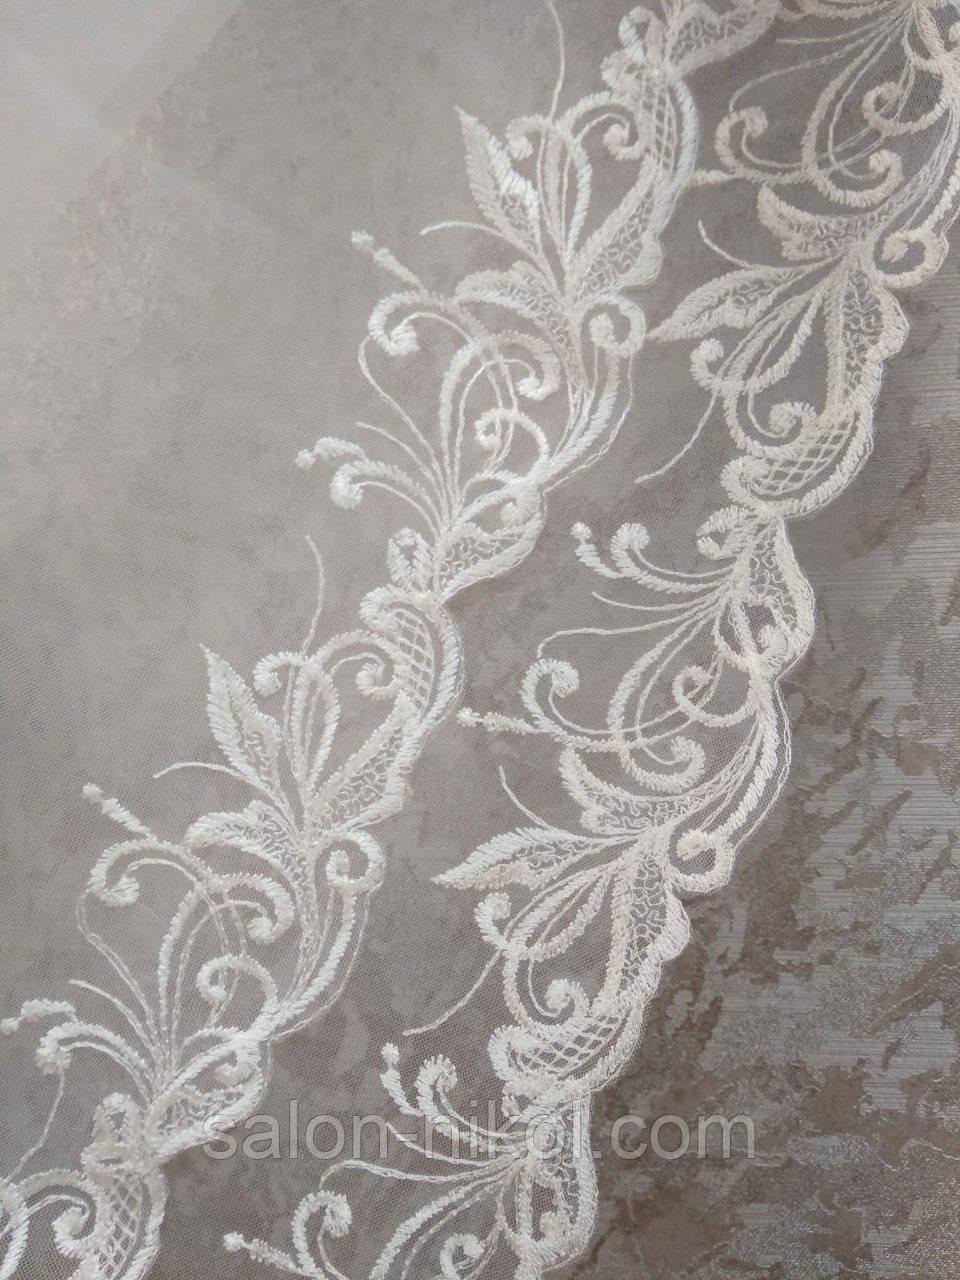 Фата с вышивкой № 1521 (1,5*2 м) удлиненная айвори